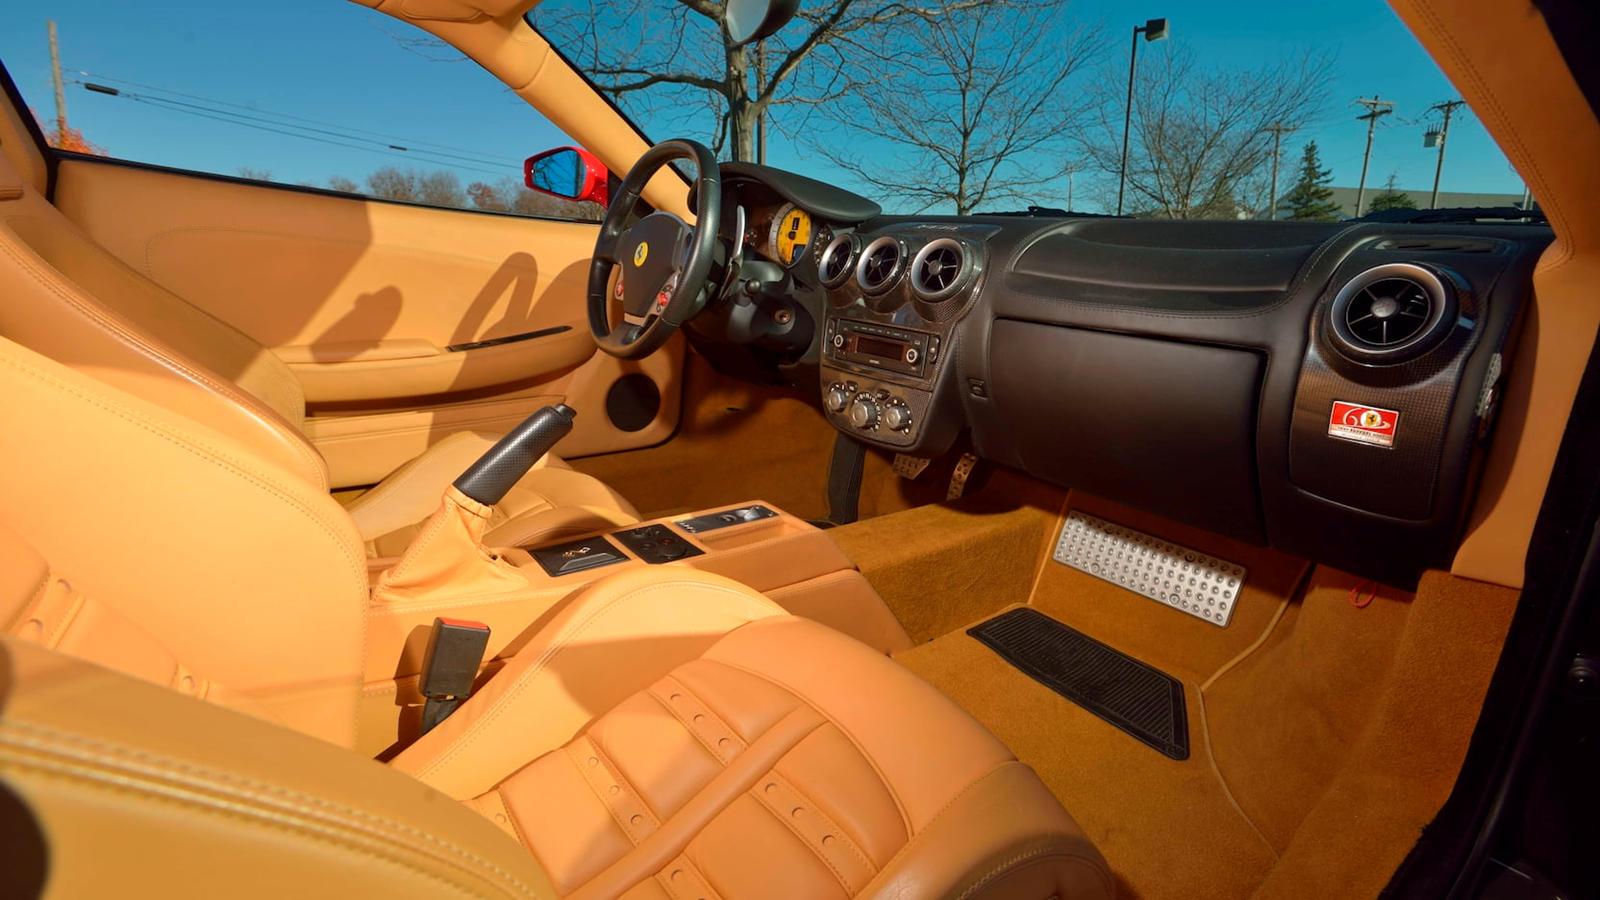 Ferrari F430 является одной из машин, произведенных в Маранелло, которую, как мы думаем, следует ценить особо, но когда у автомобиля есть какое-то происхождение, его стоимость должна, по крайней мере, соответствовать 270 тысячам долларов, за которые